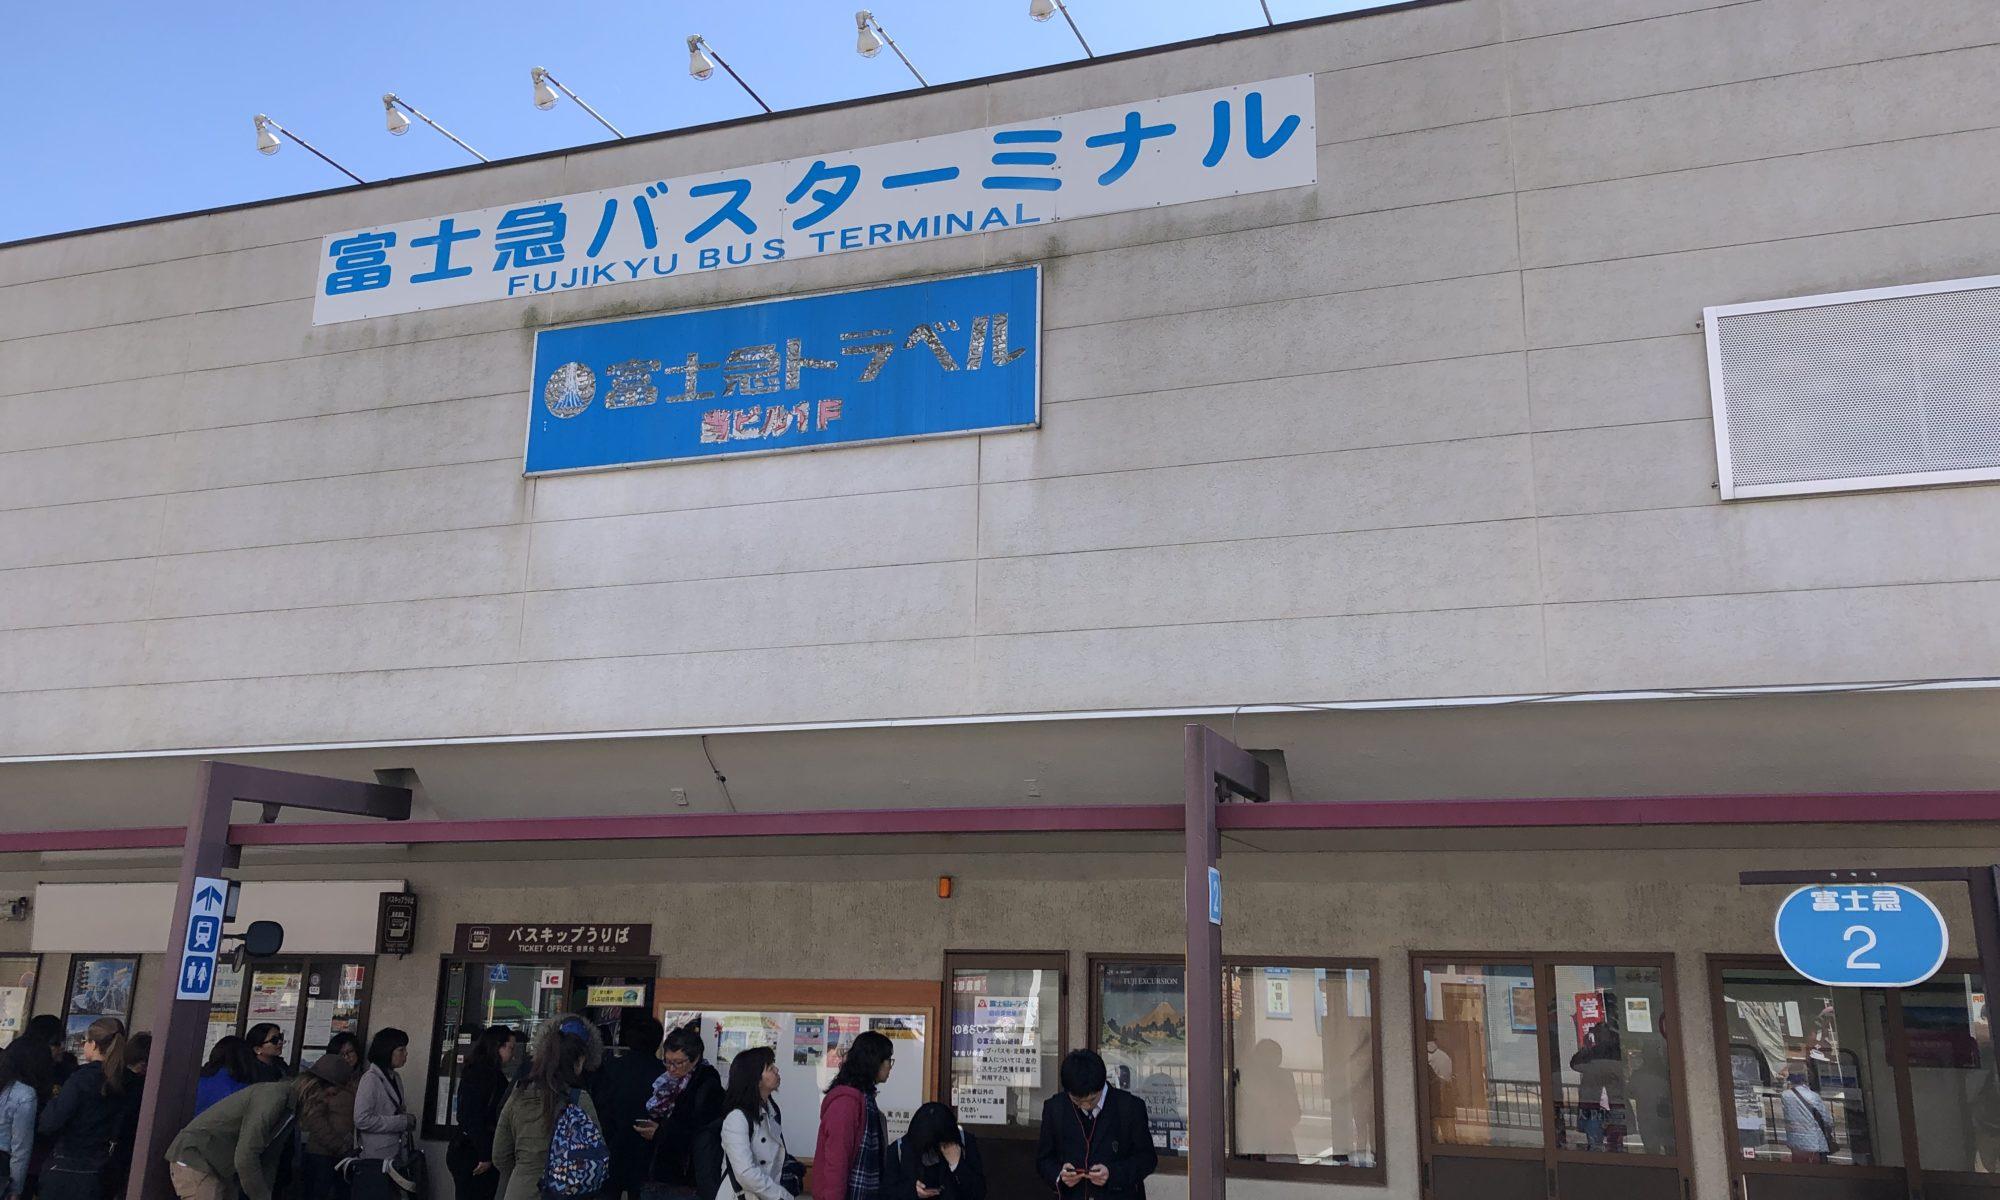 御殿場駅 富士急バスターミナル